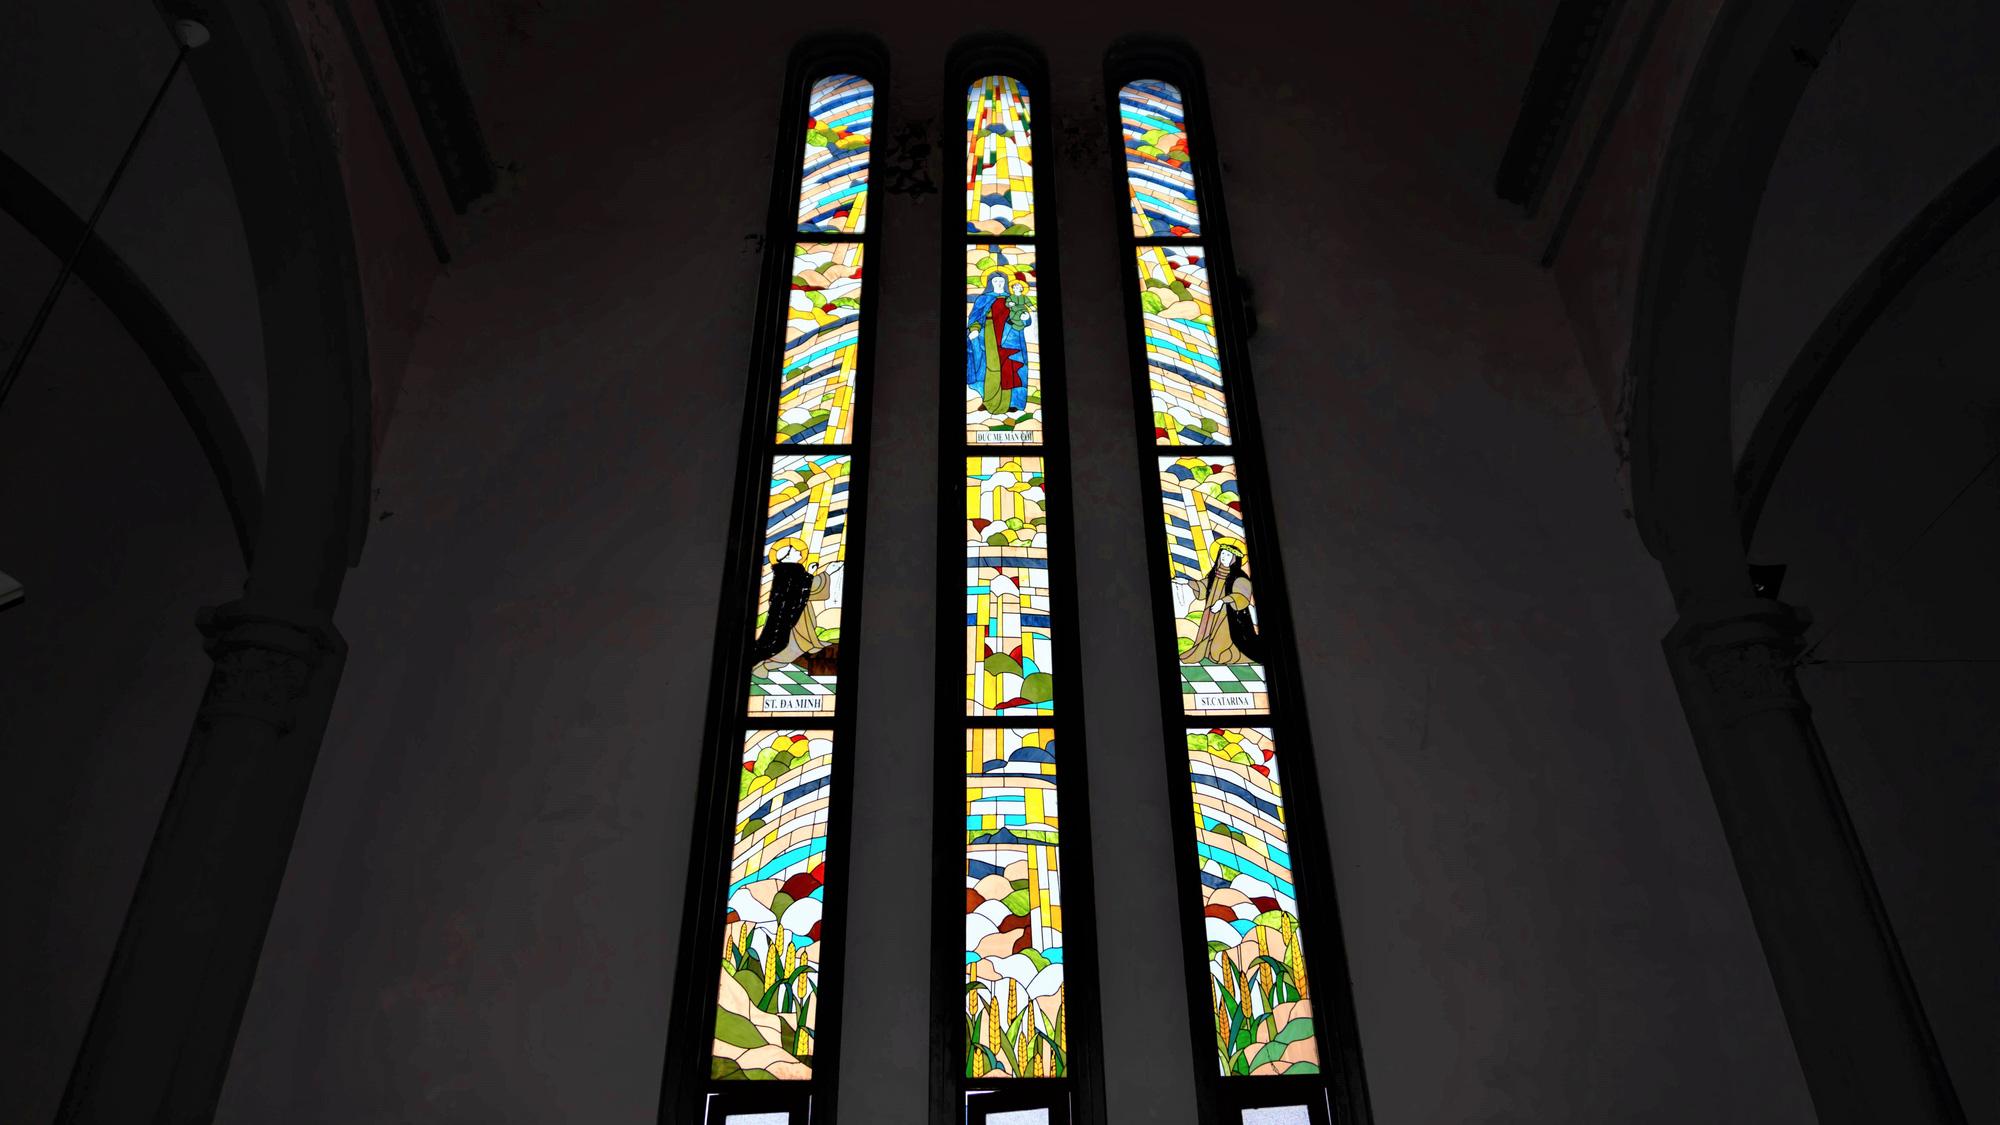 Về thăm nhà thờ Khoái Đồng, nơi thờ hiện thân của ông già Noel - Ảnh 9.